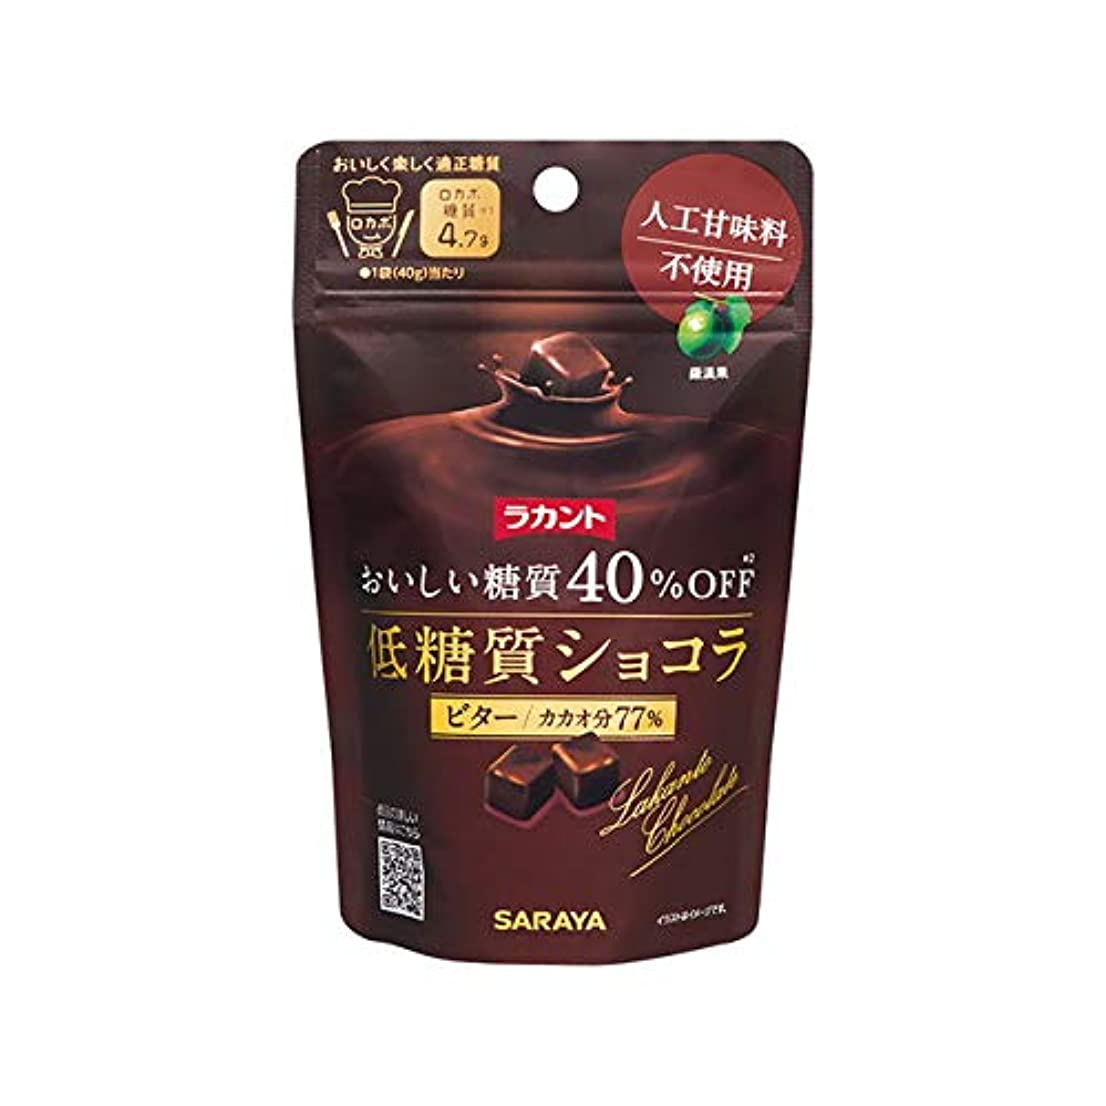 微妙ブランドキャメルサラヤ ラカント ショコラビター 40g【5個セット】